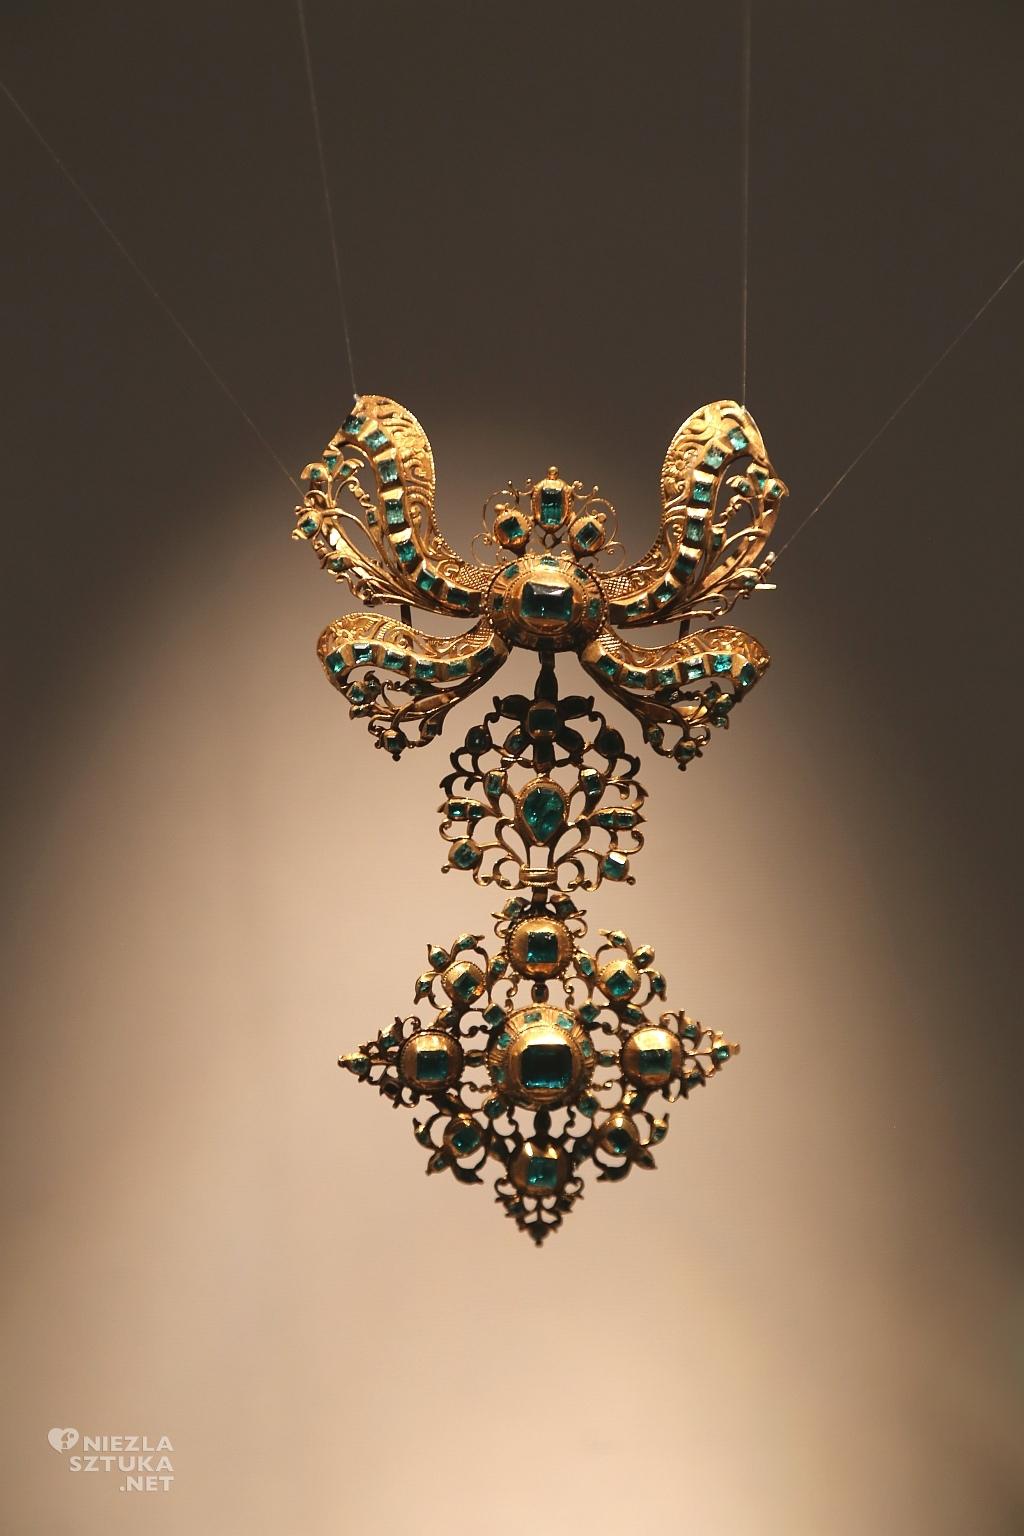 Hiszpania, pektorał (dekoracja zawieszana na klatce piersiowej), 1730 r. Materiały: złoto i szmaragdy